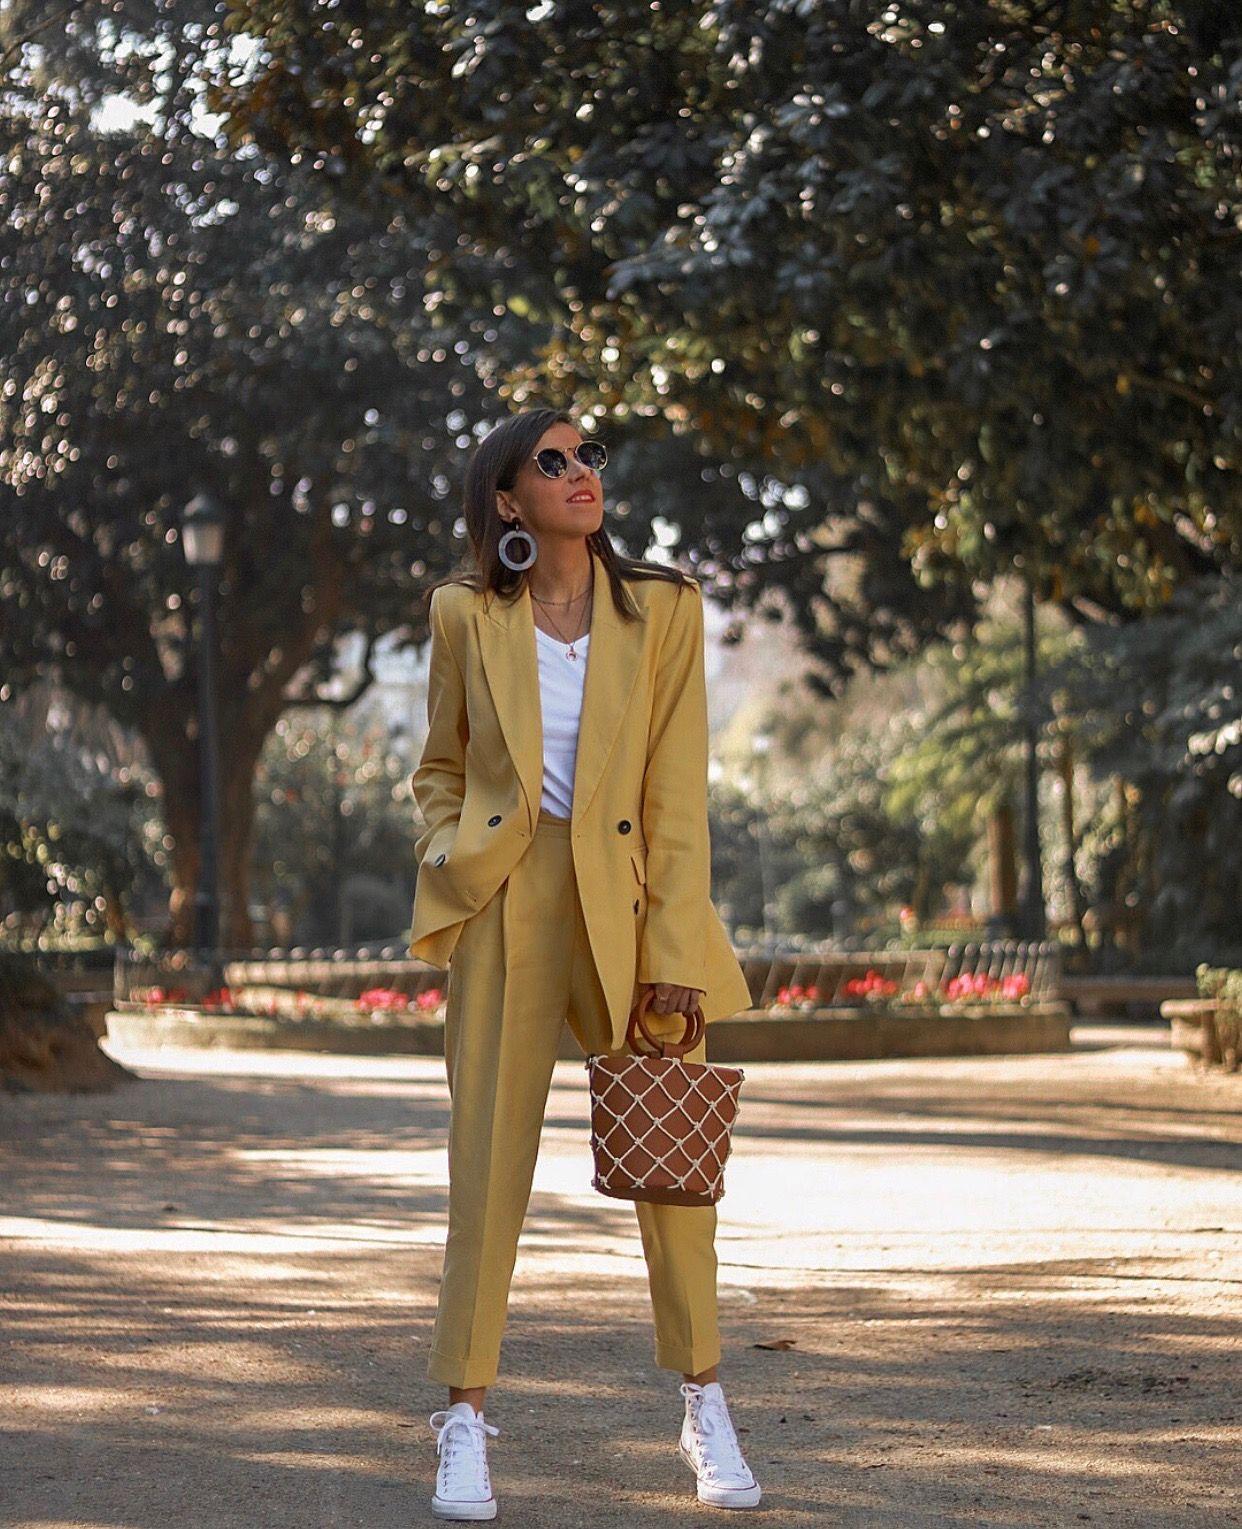 Bộ suit vàng đơn giản và áo thun trắng